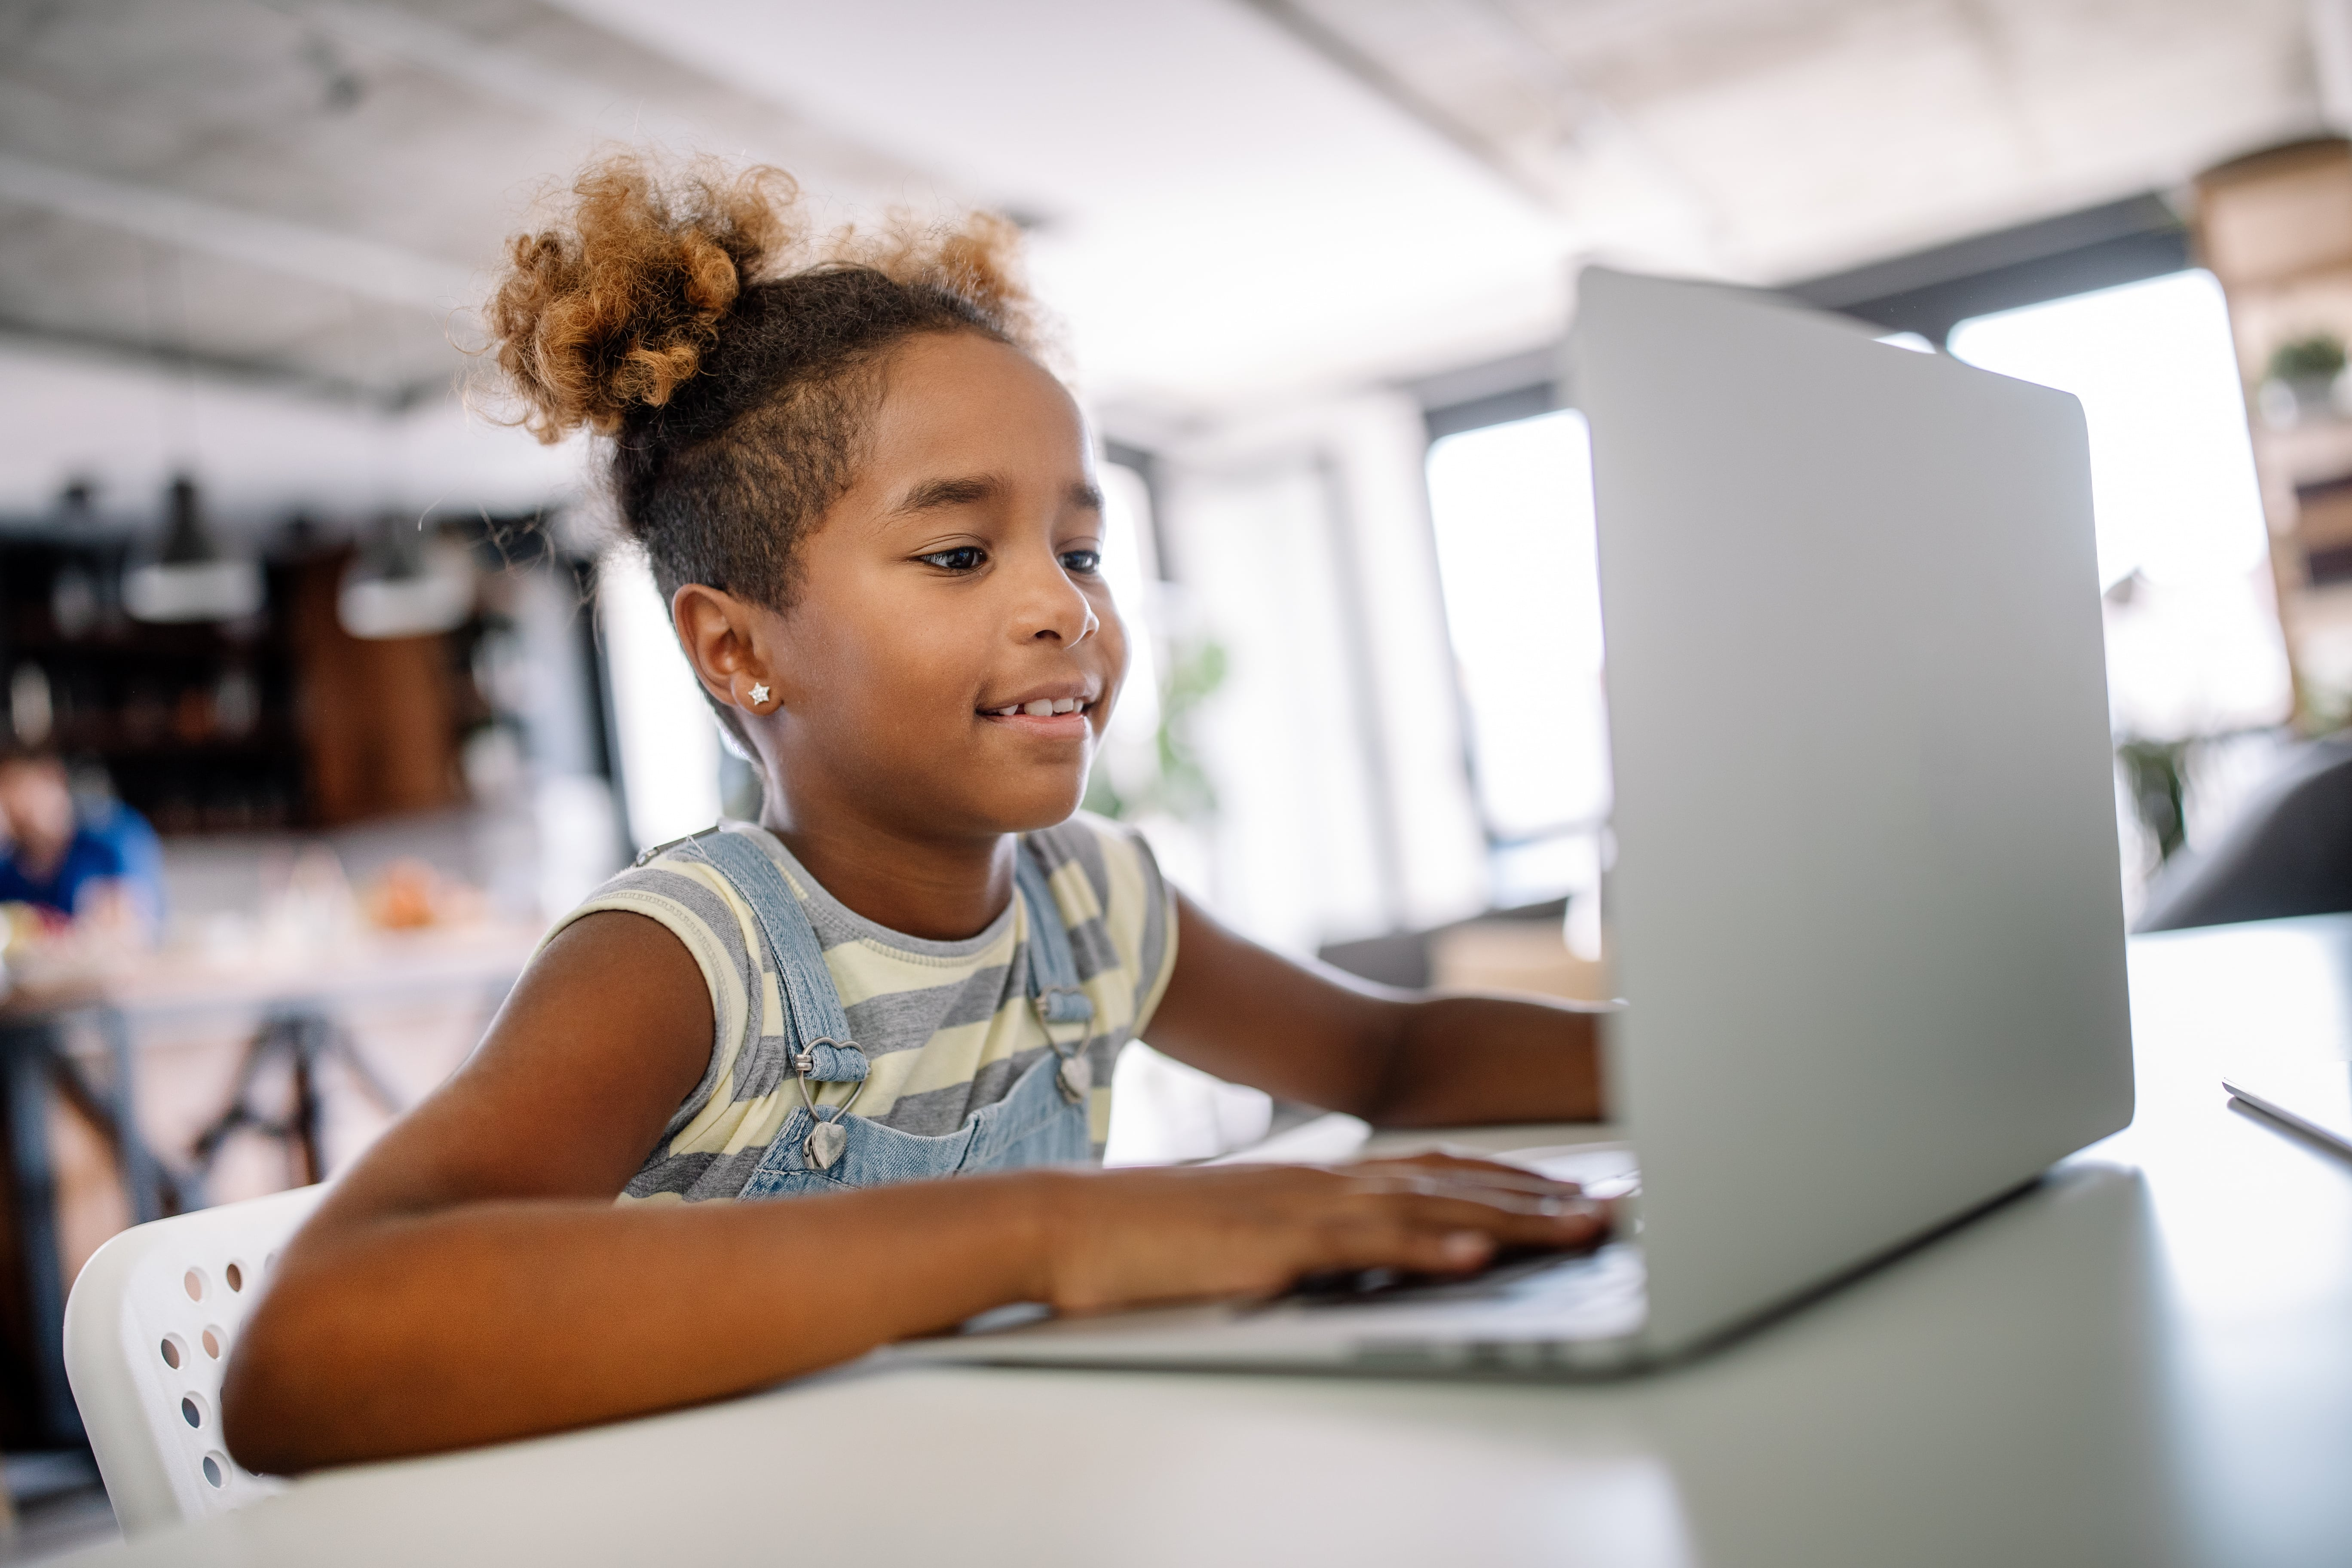 Educación en casa para niños: nuestro compromiso